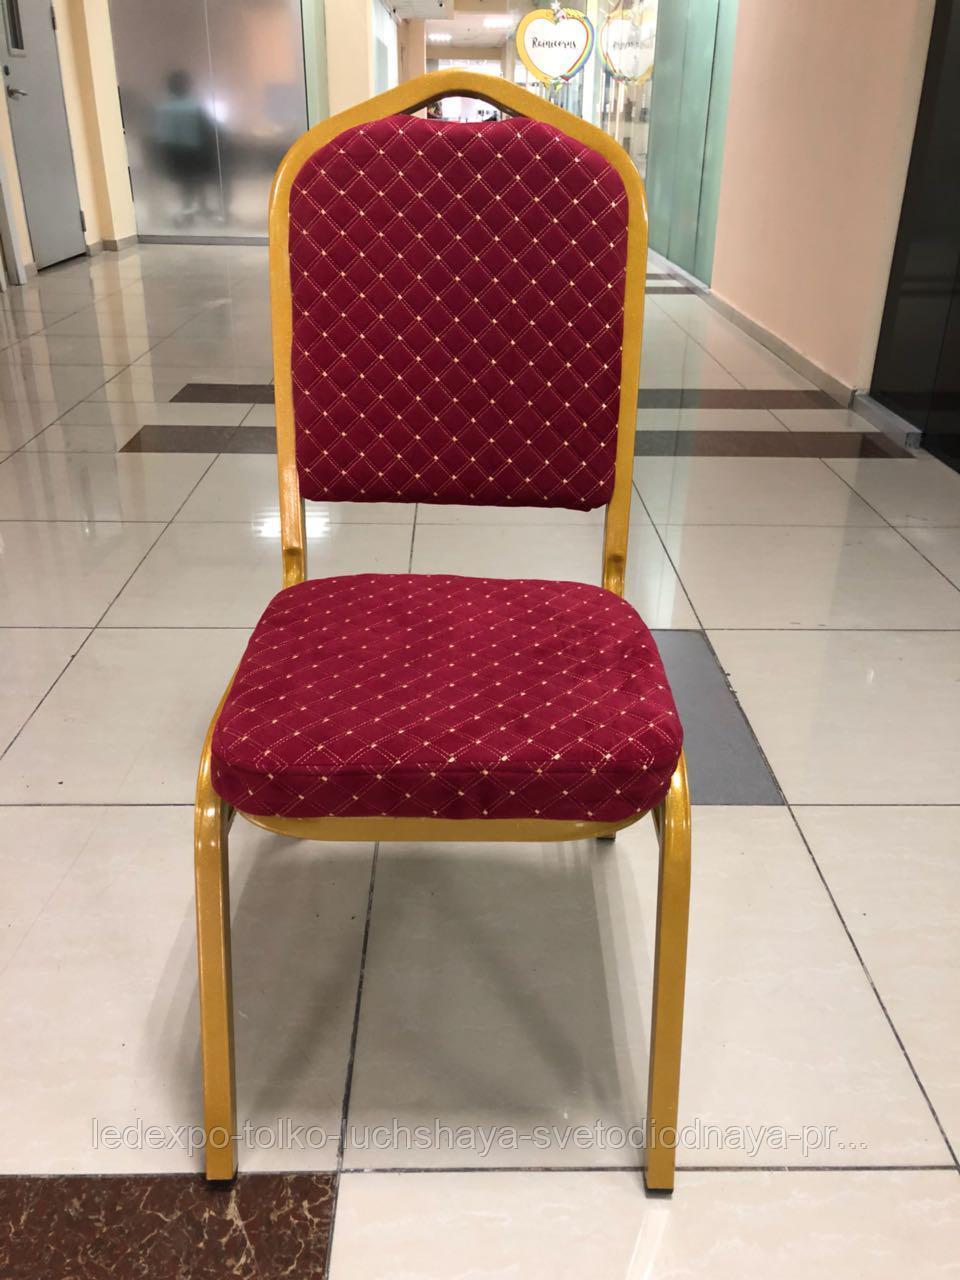 Металлический банкетный стул - Венский